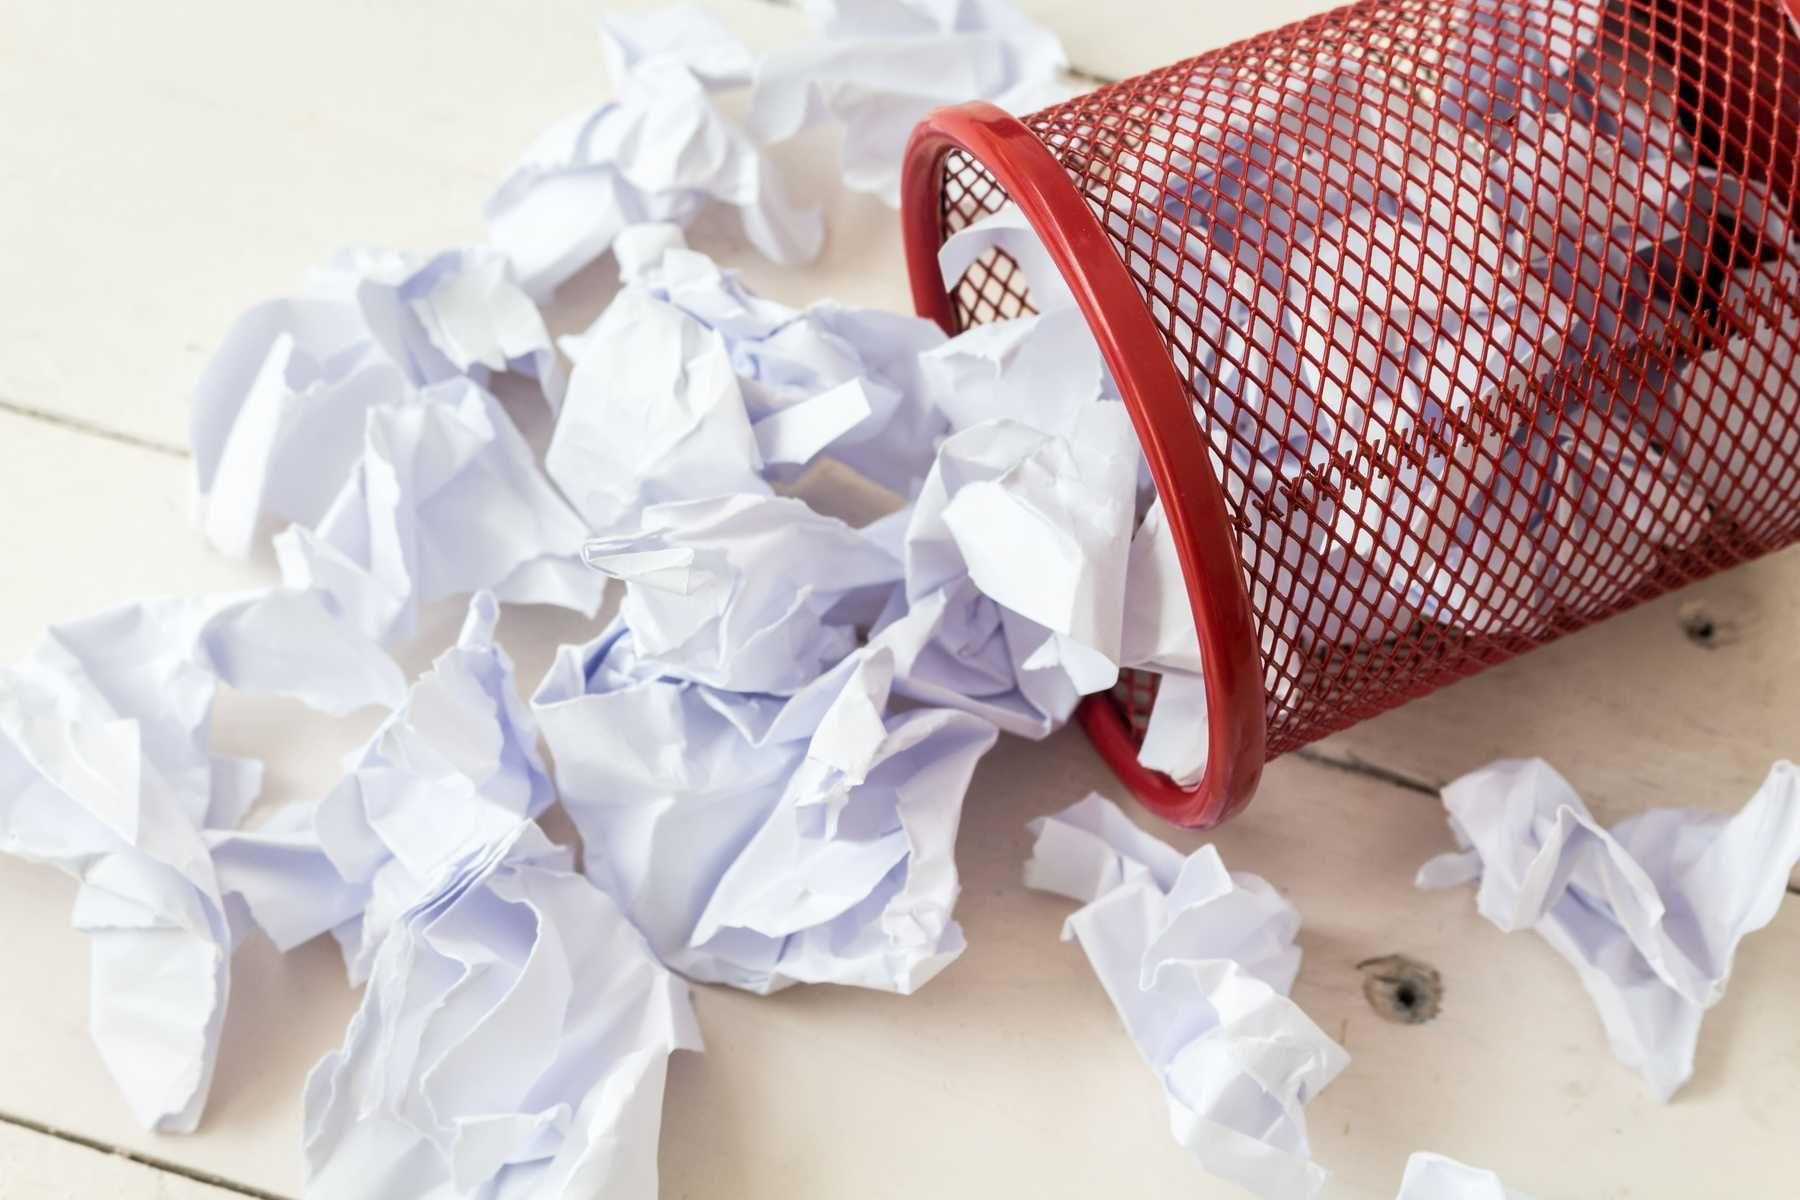 Quy trình tái chế giấy hiện nay